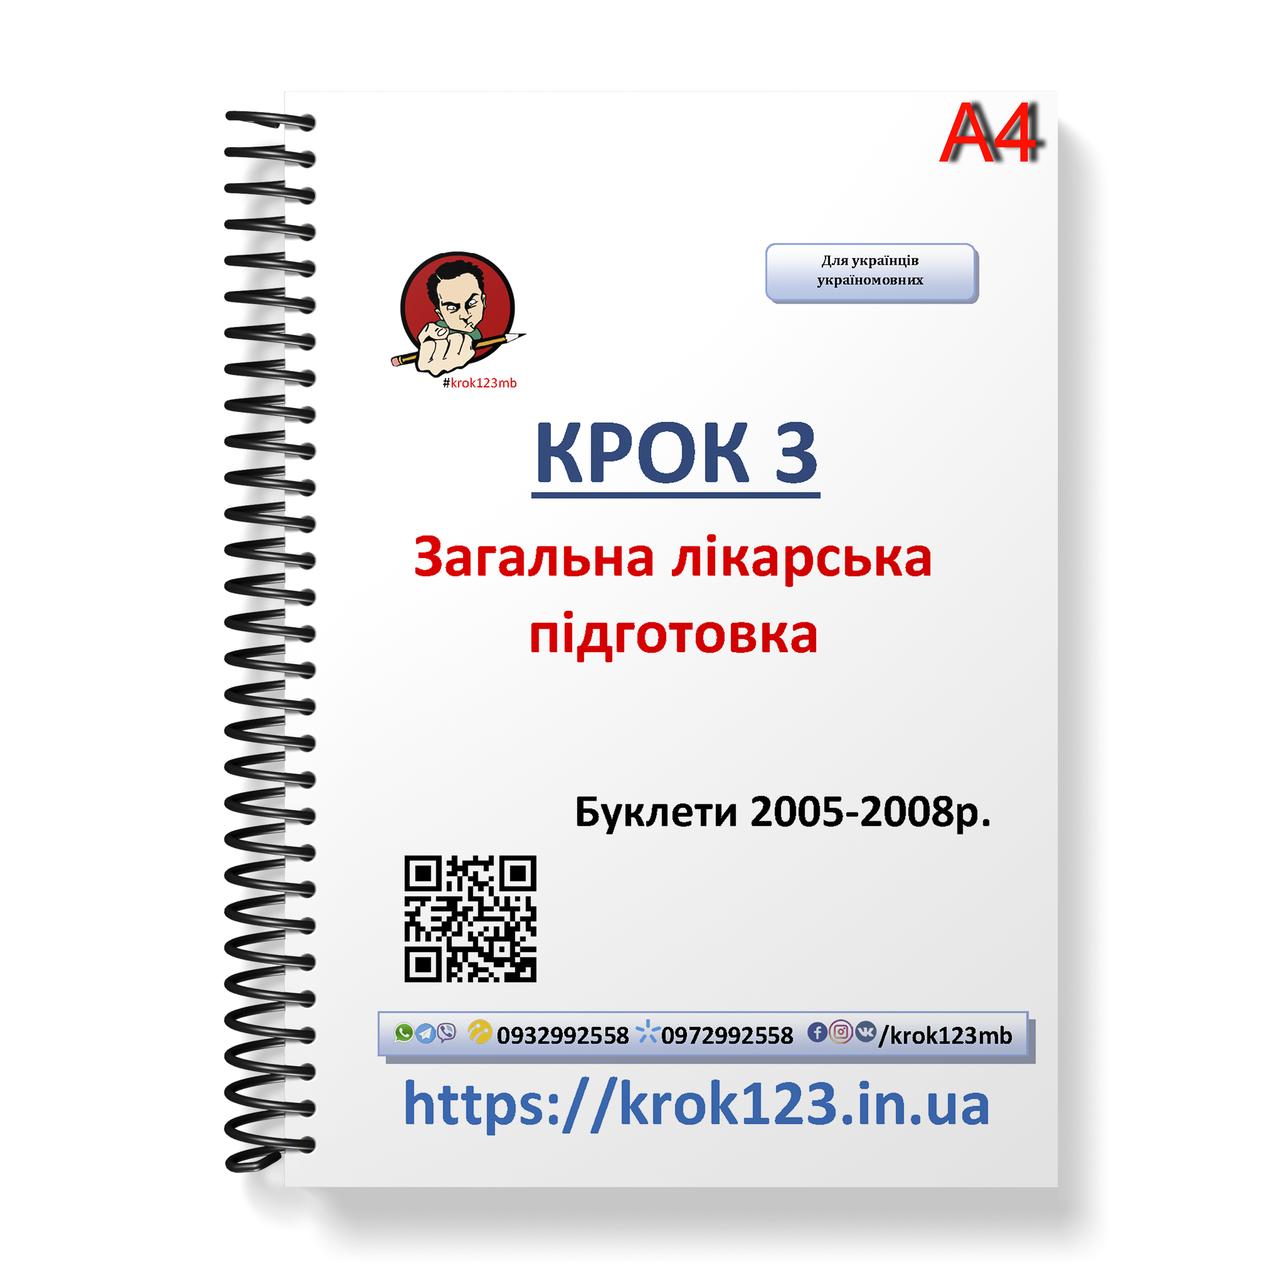 Крок 3. Общая врачебная подготовка. Буклеты 2005-2008 . Для украинцев украиноязычных. Формат А4